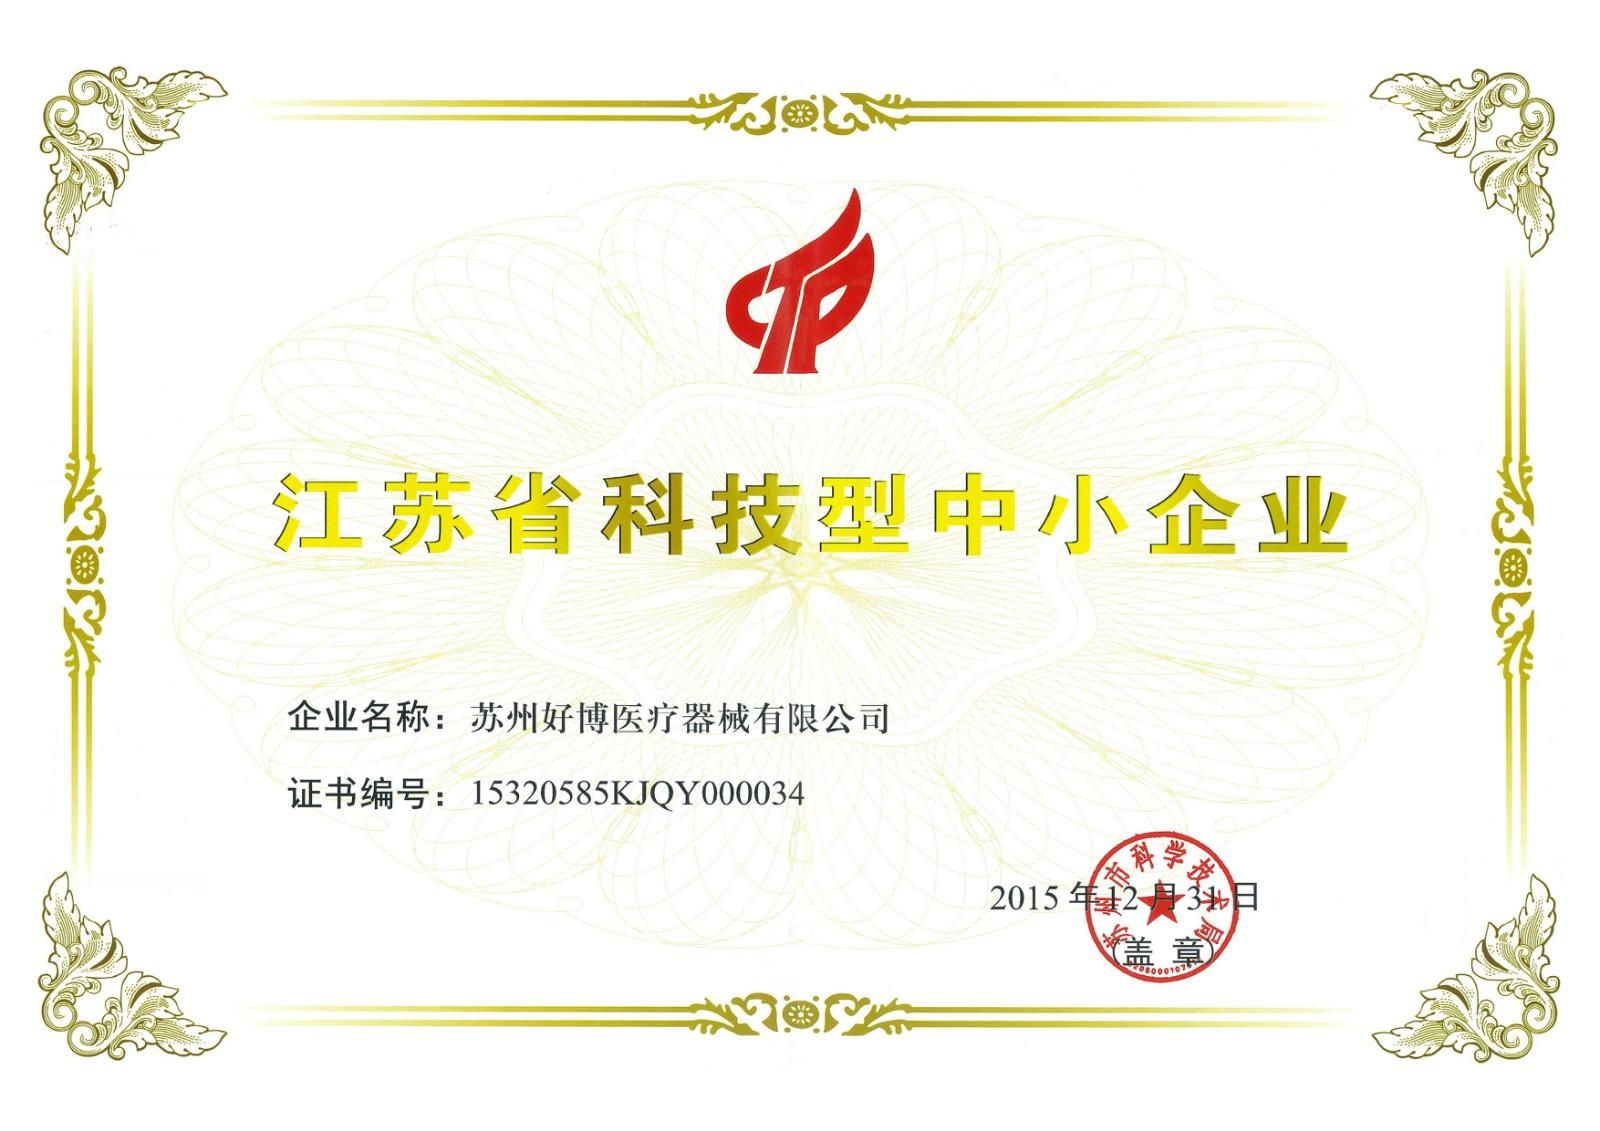 A-001-39 江苏省科技型中小企业证书.jpg